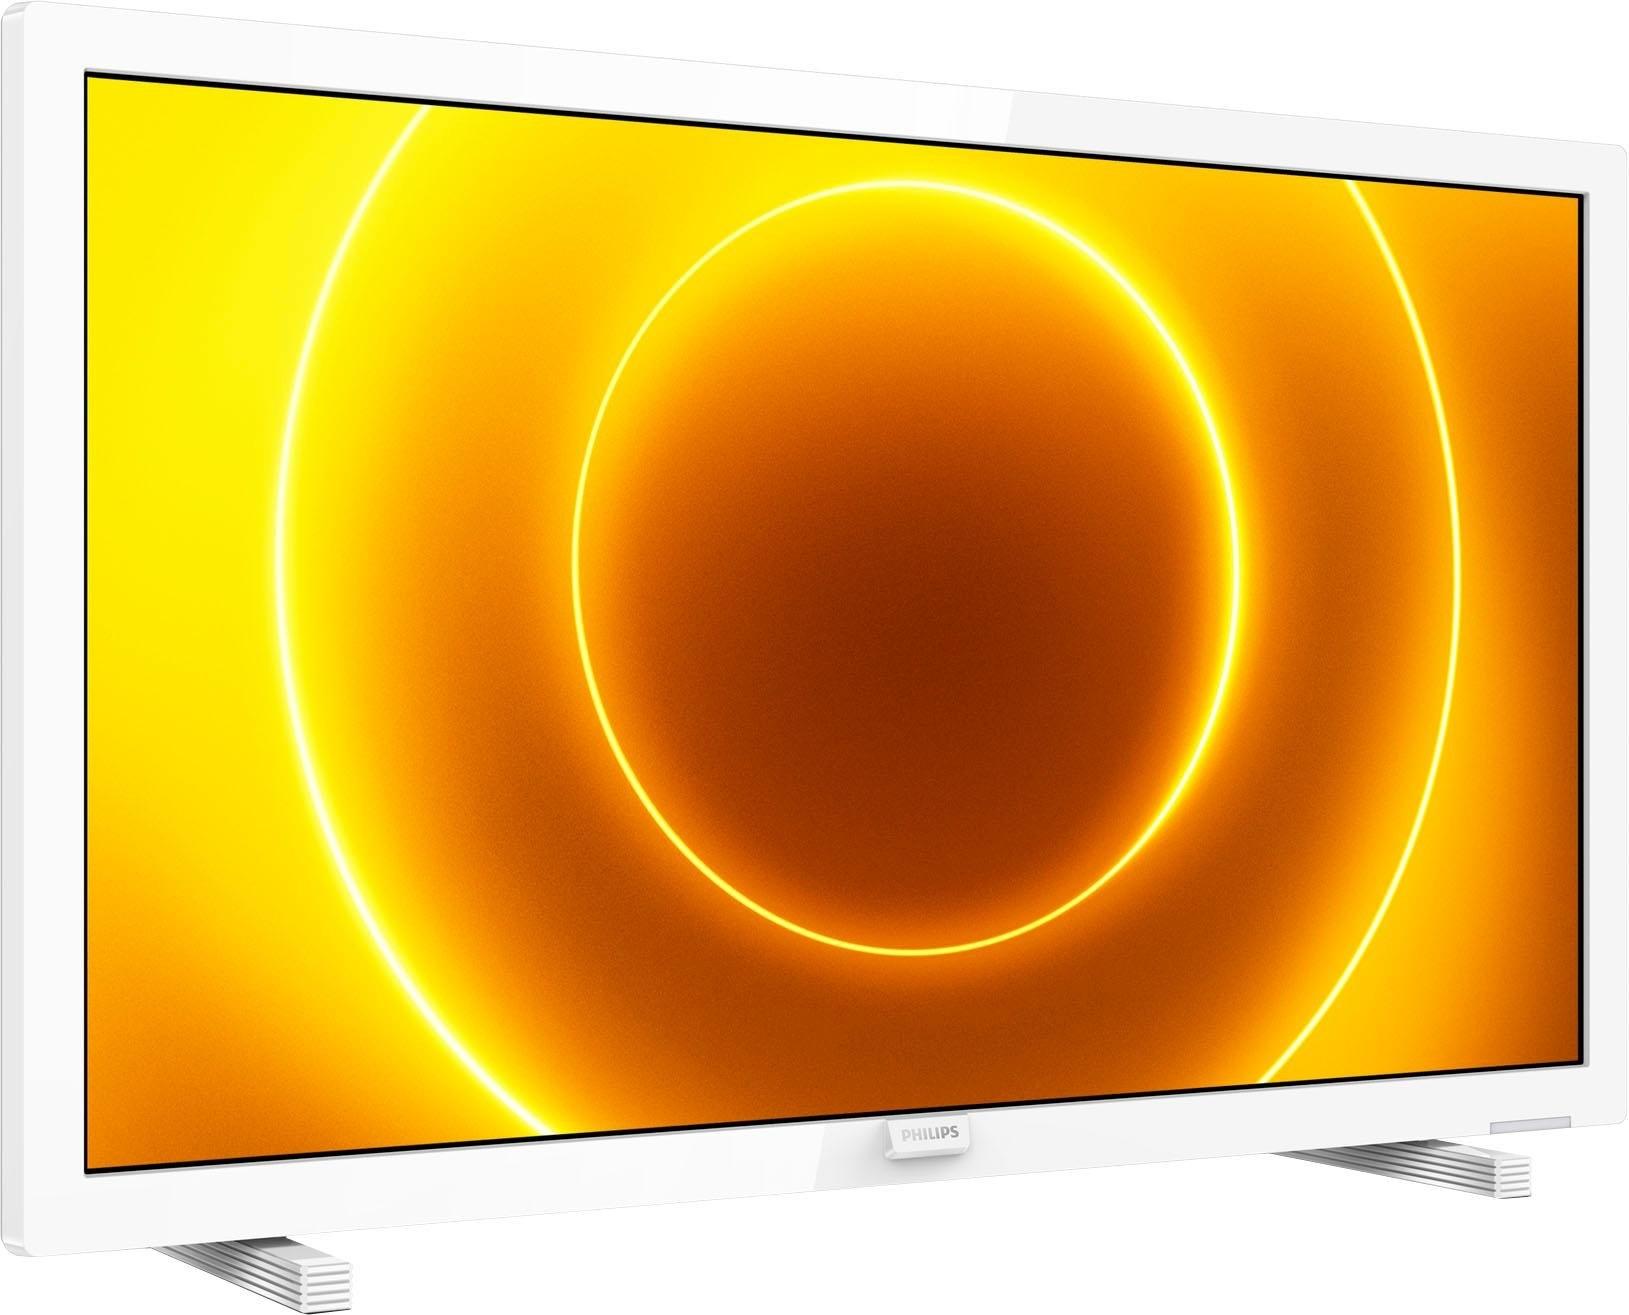 Philips »24PFS5535« LED-TV - gratis ruilen op otto.nl